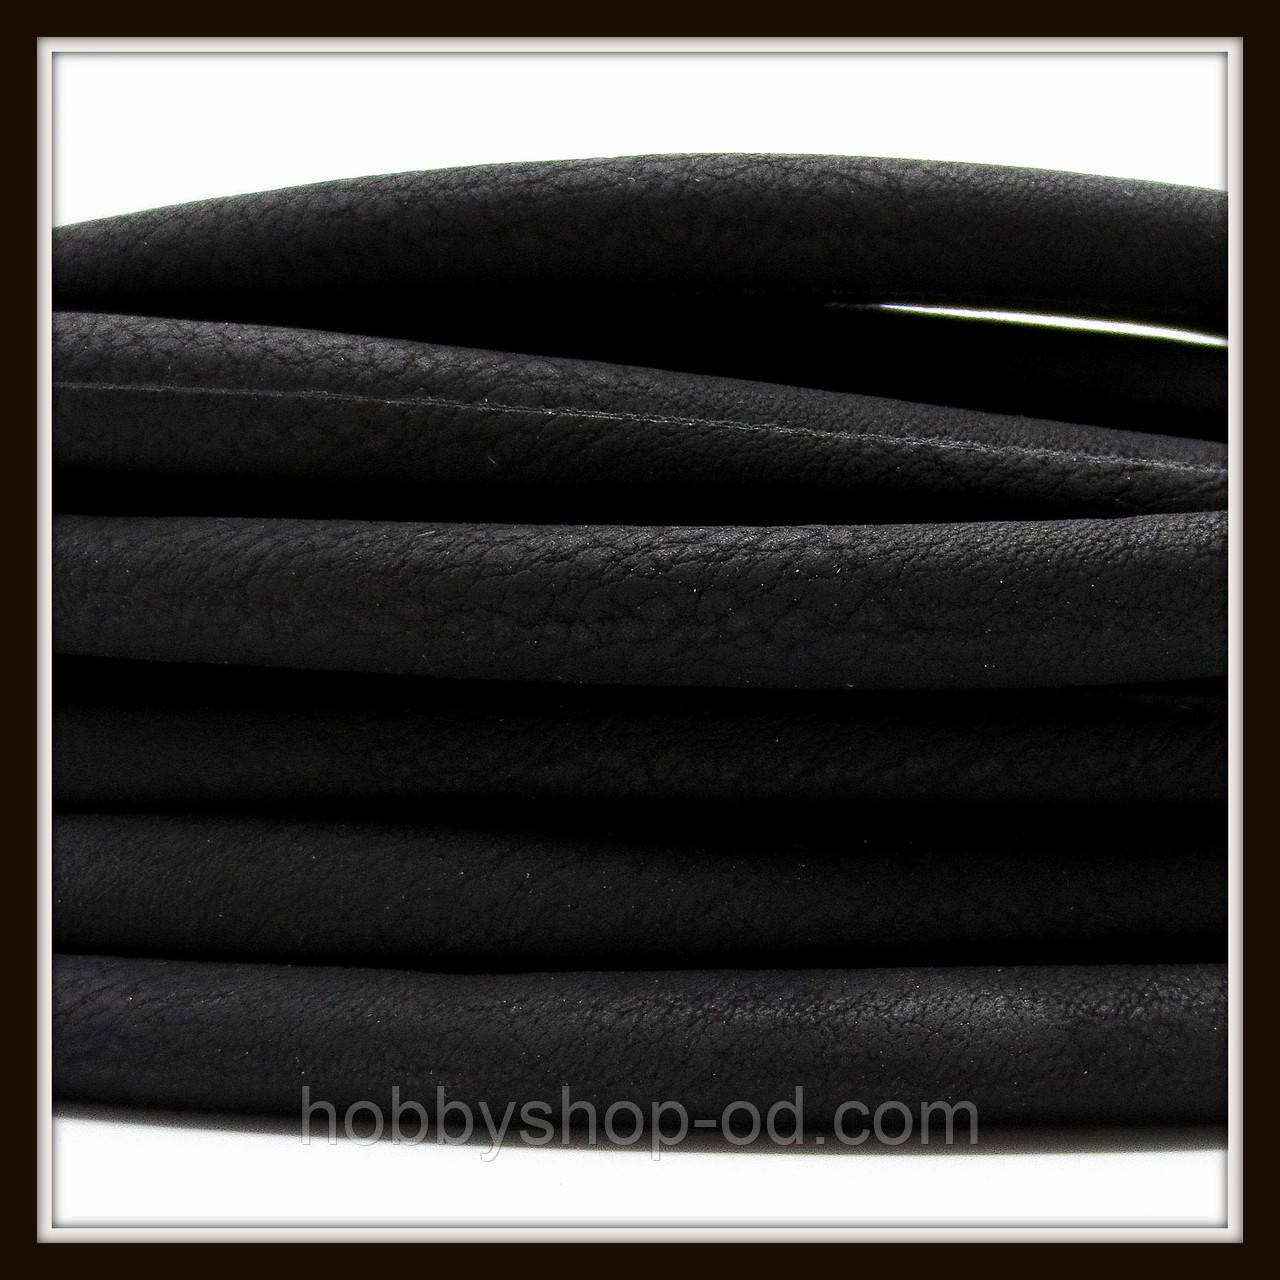 Шнур замшевый диаметр 7 мм, цвет черный (20 см)